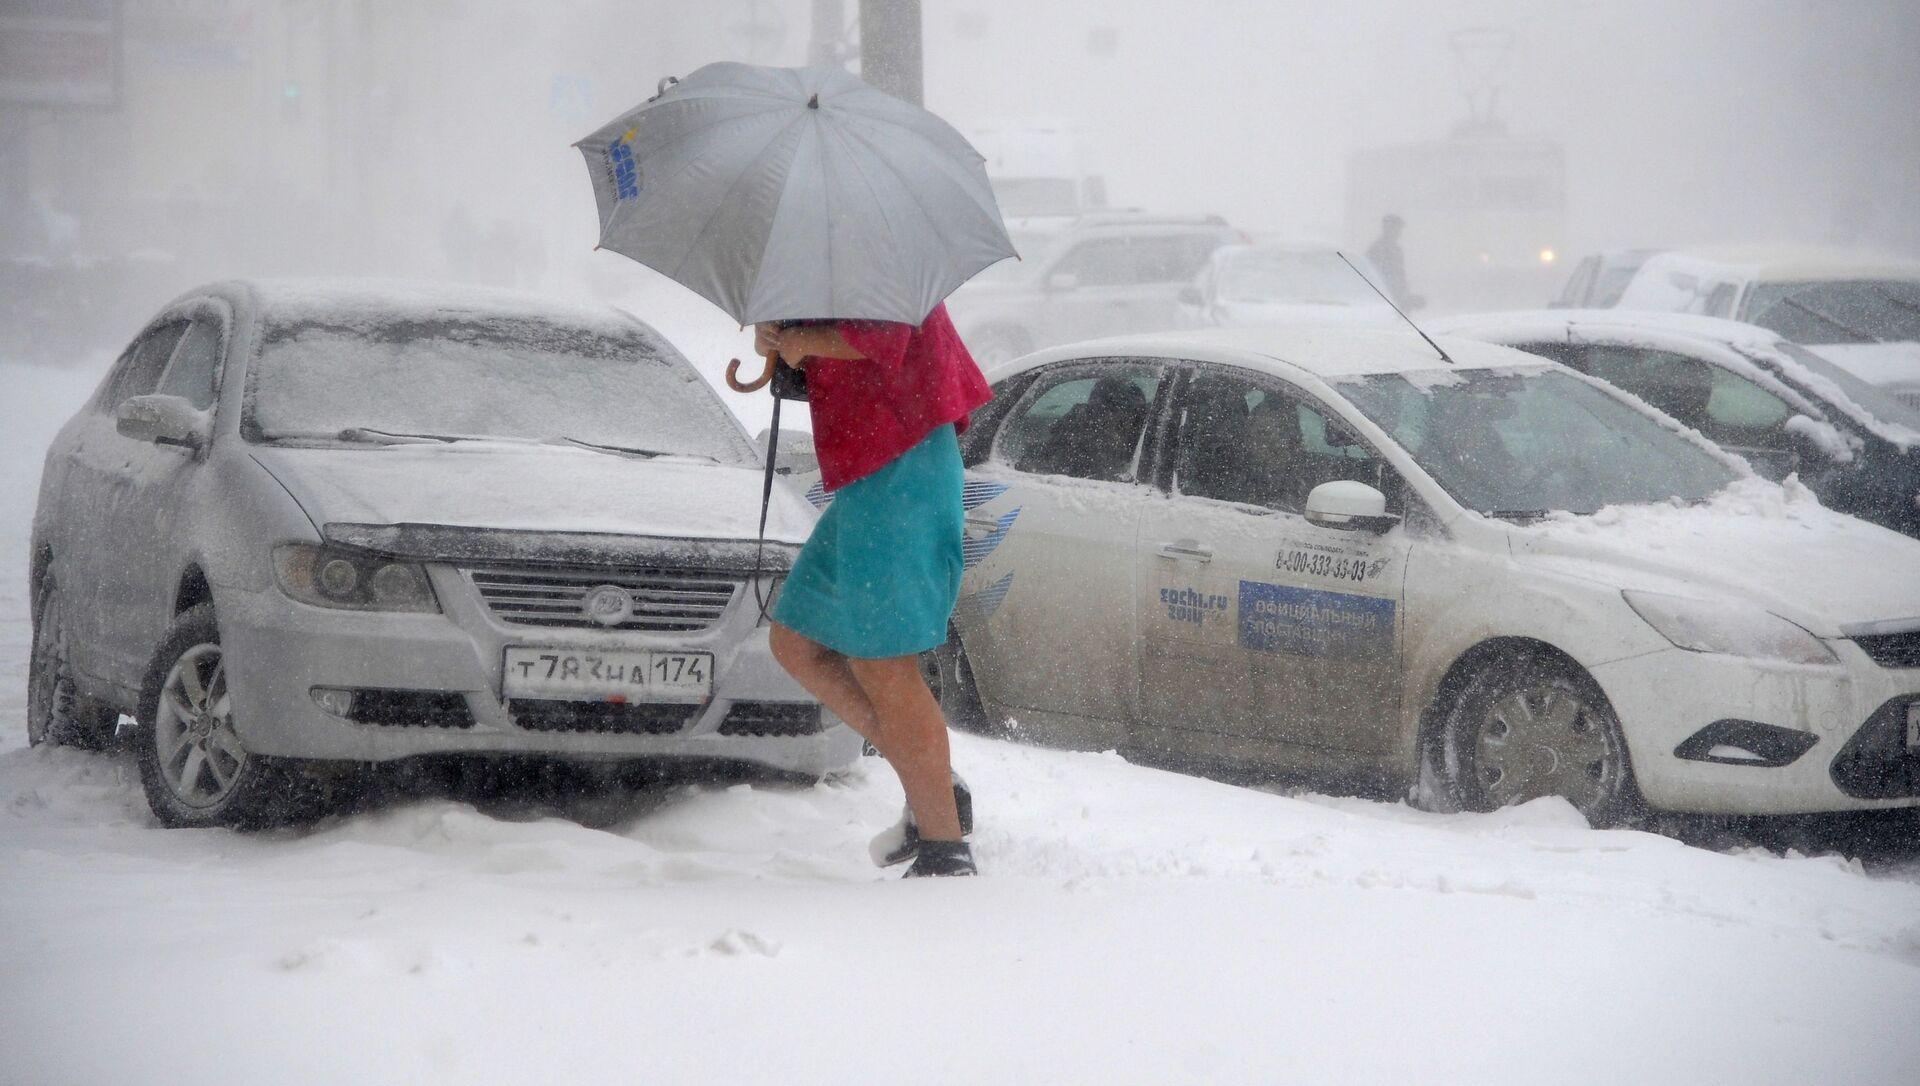 Dívka jde po ulici během silného sněžení - Sputnik Česká republika, 1920, 02.04.2021